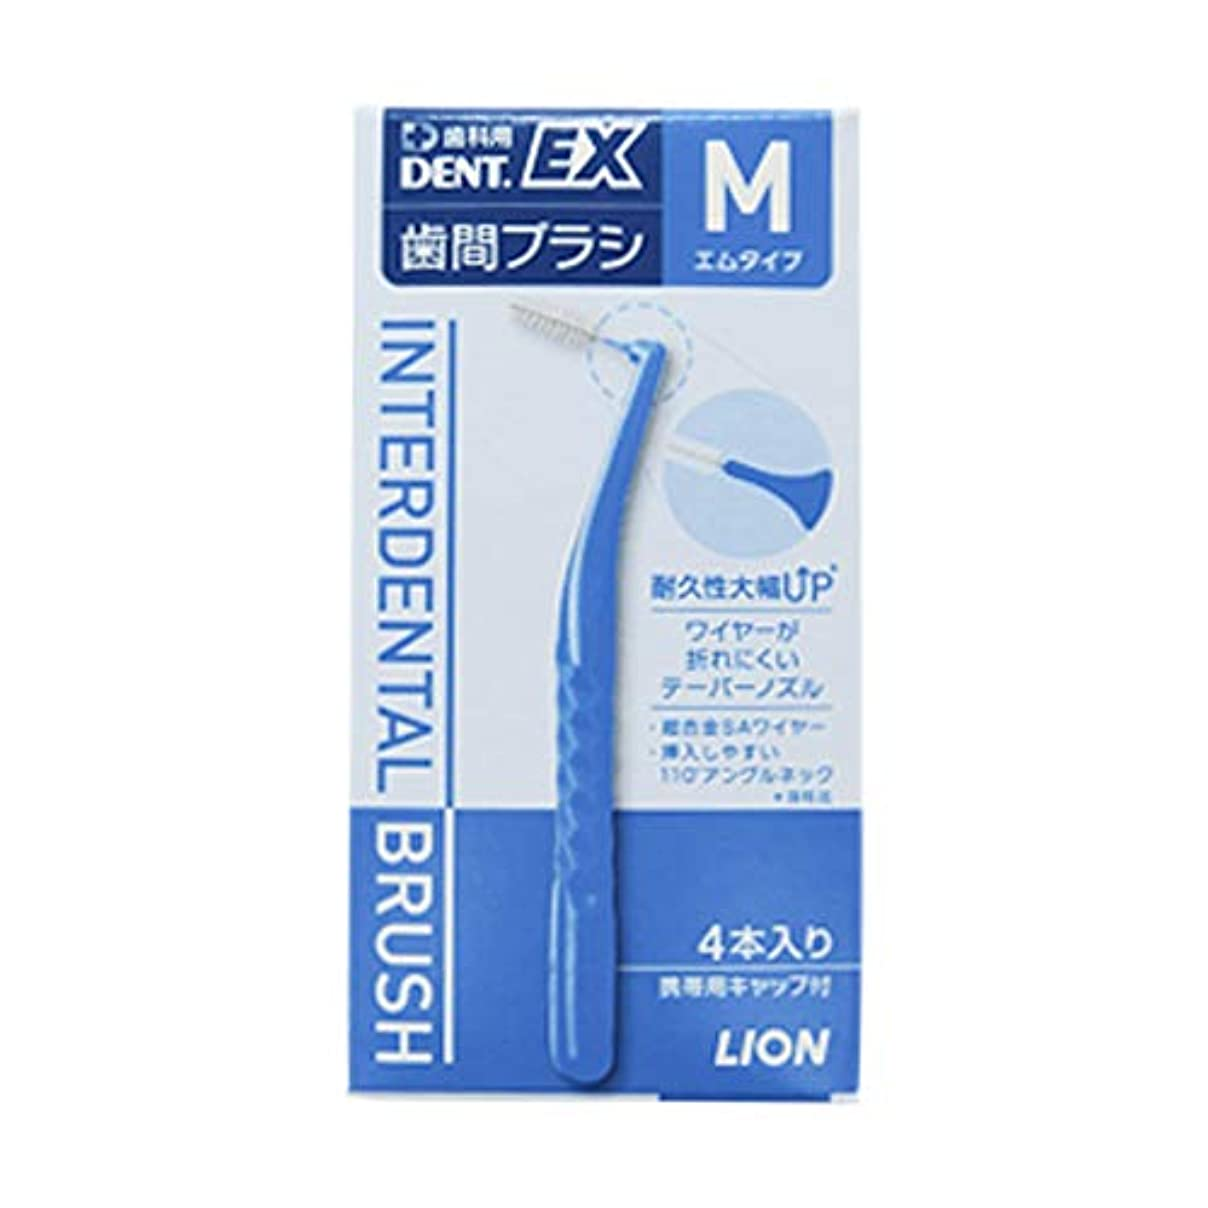 しみ気分ストライドライオン DENT.EX 歯間ブラシ 4本入 M (ブルー)